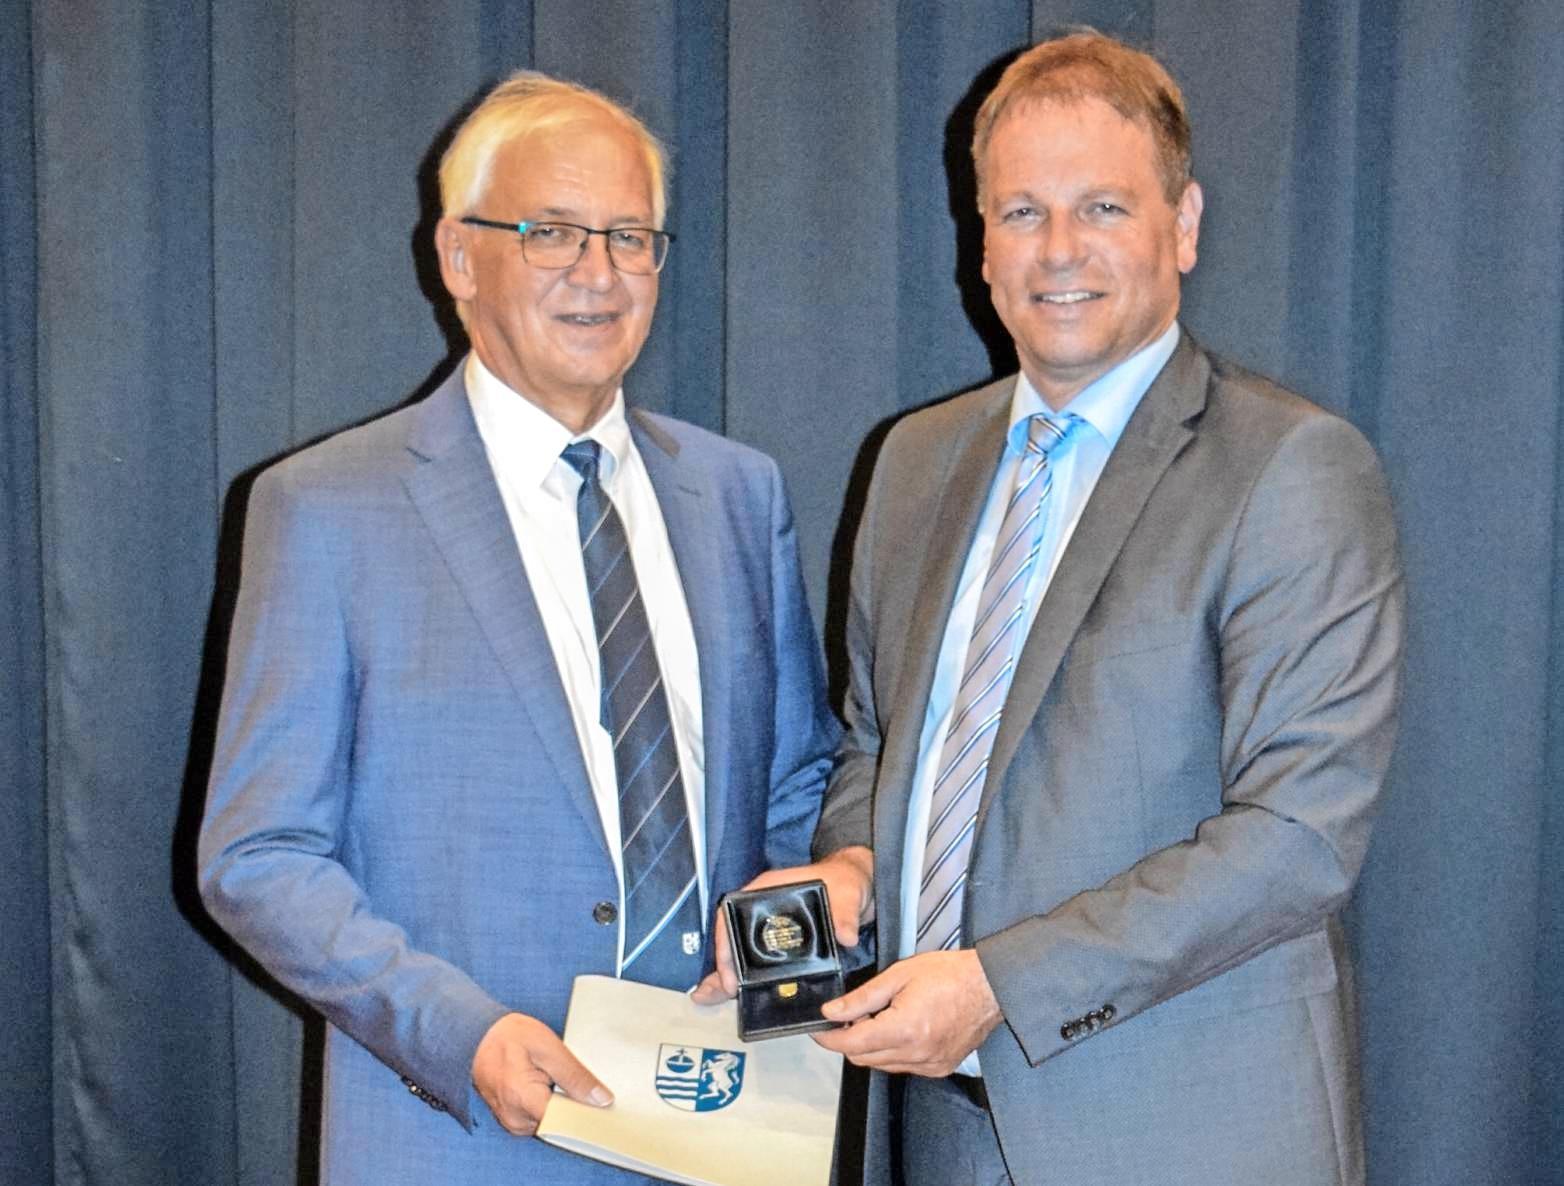 Der Geehrte Günter Friederich (links) mit Bürgermeister Timo Frey. Foto: privat